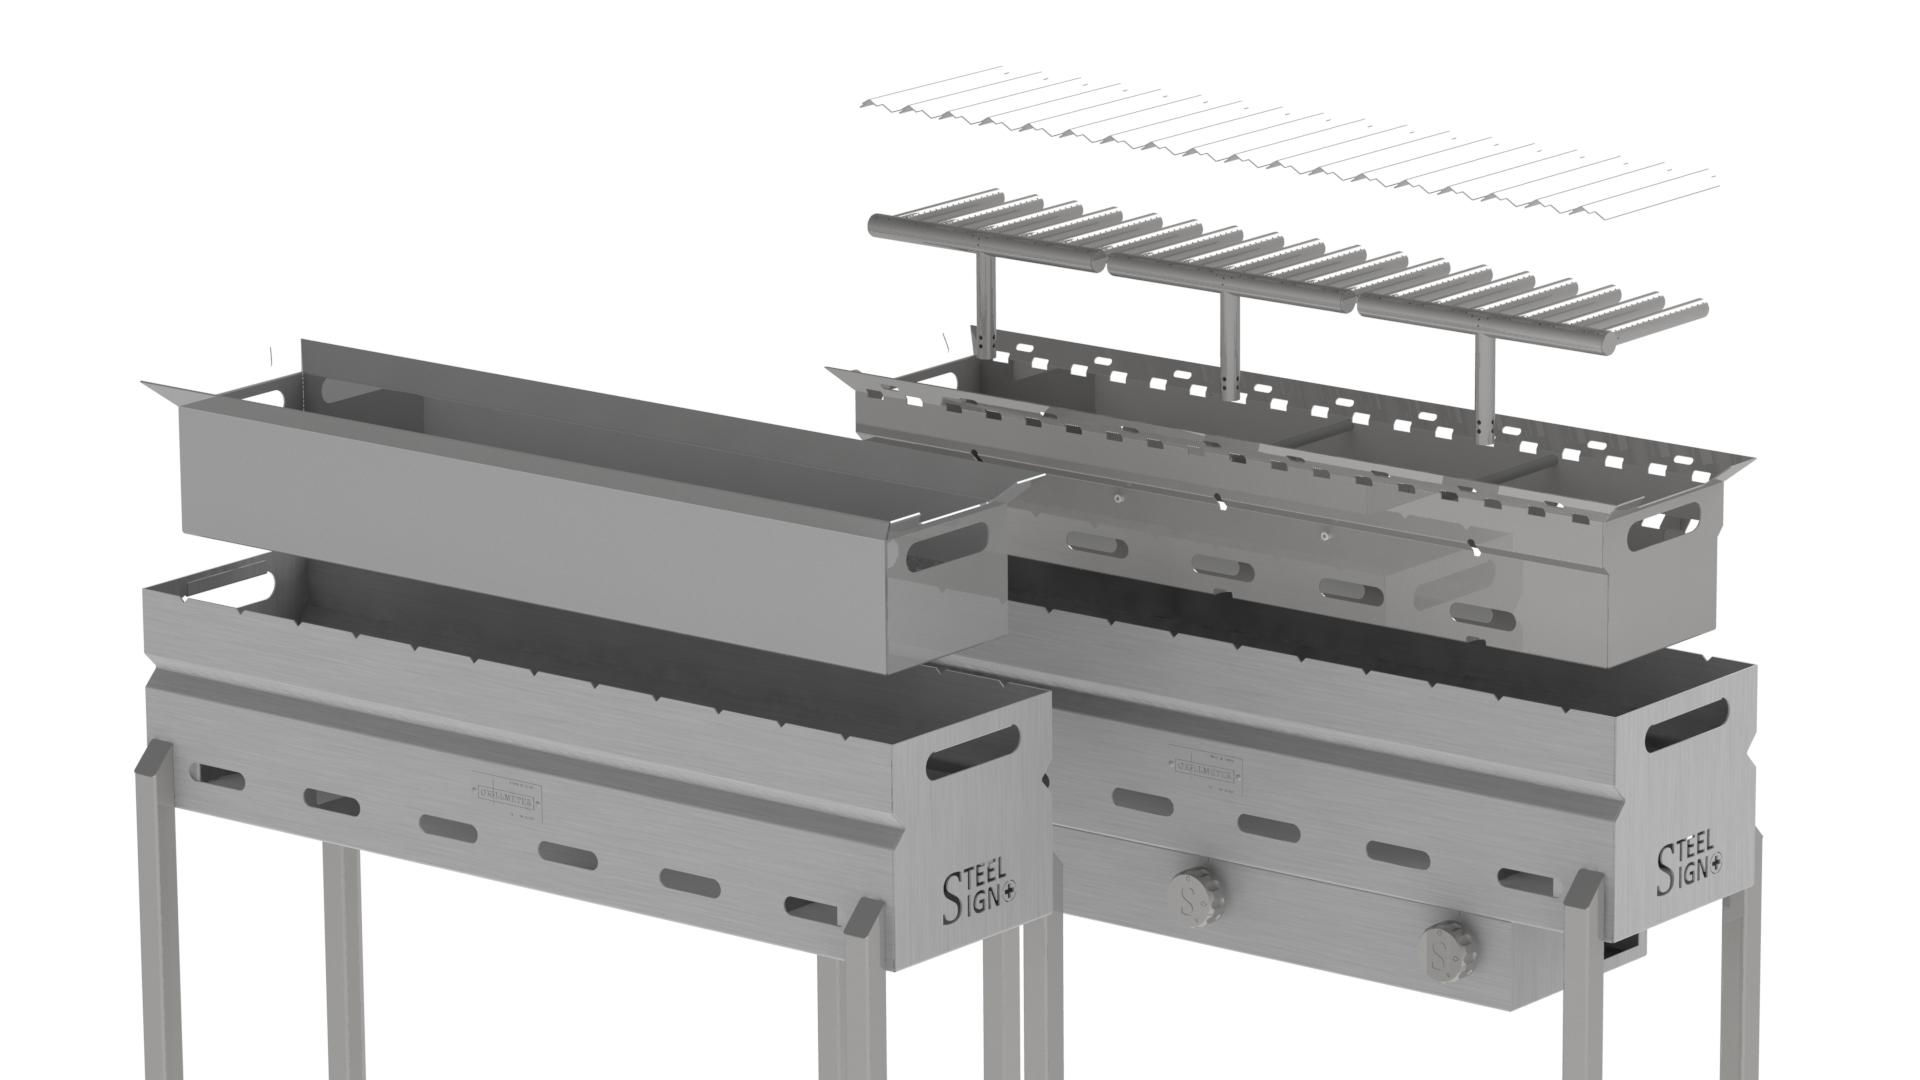 Grillmeter - Einfach und ohne Werkzeuge zerlegbar für die Reinigung oder Wartung.